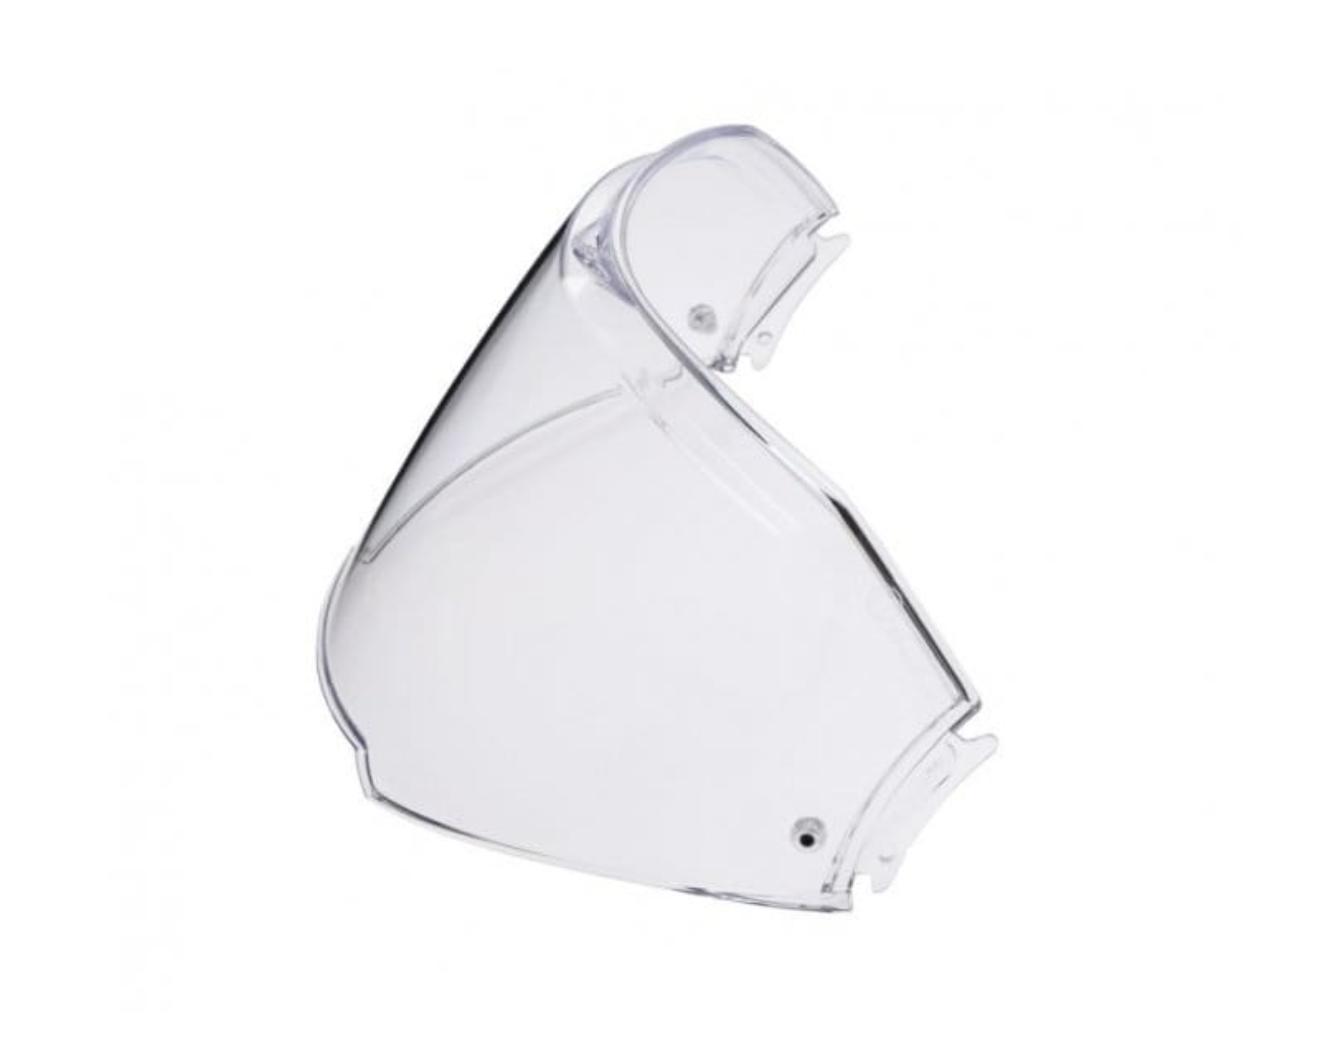 Náhradní hledí pro přilbu LS2 FF900 Valiant II Barva: Čiré